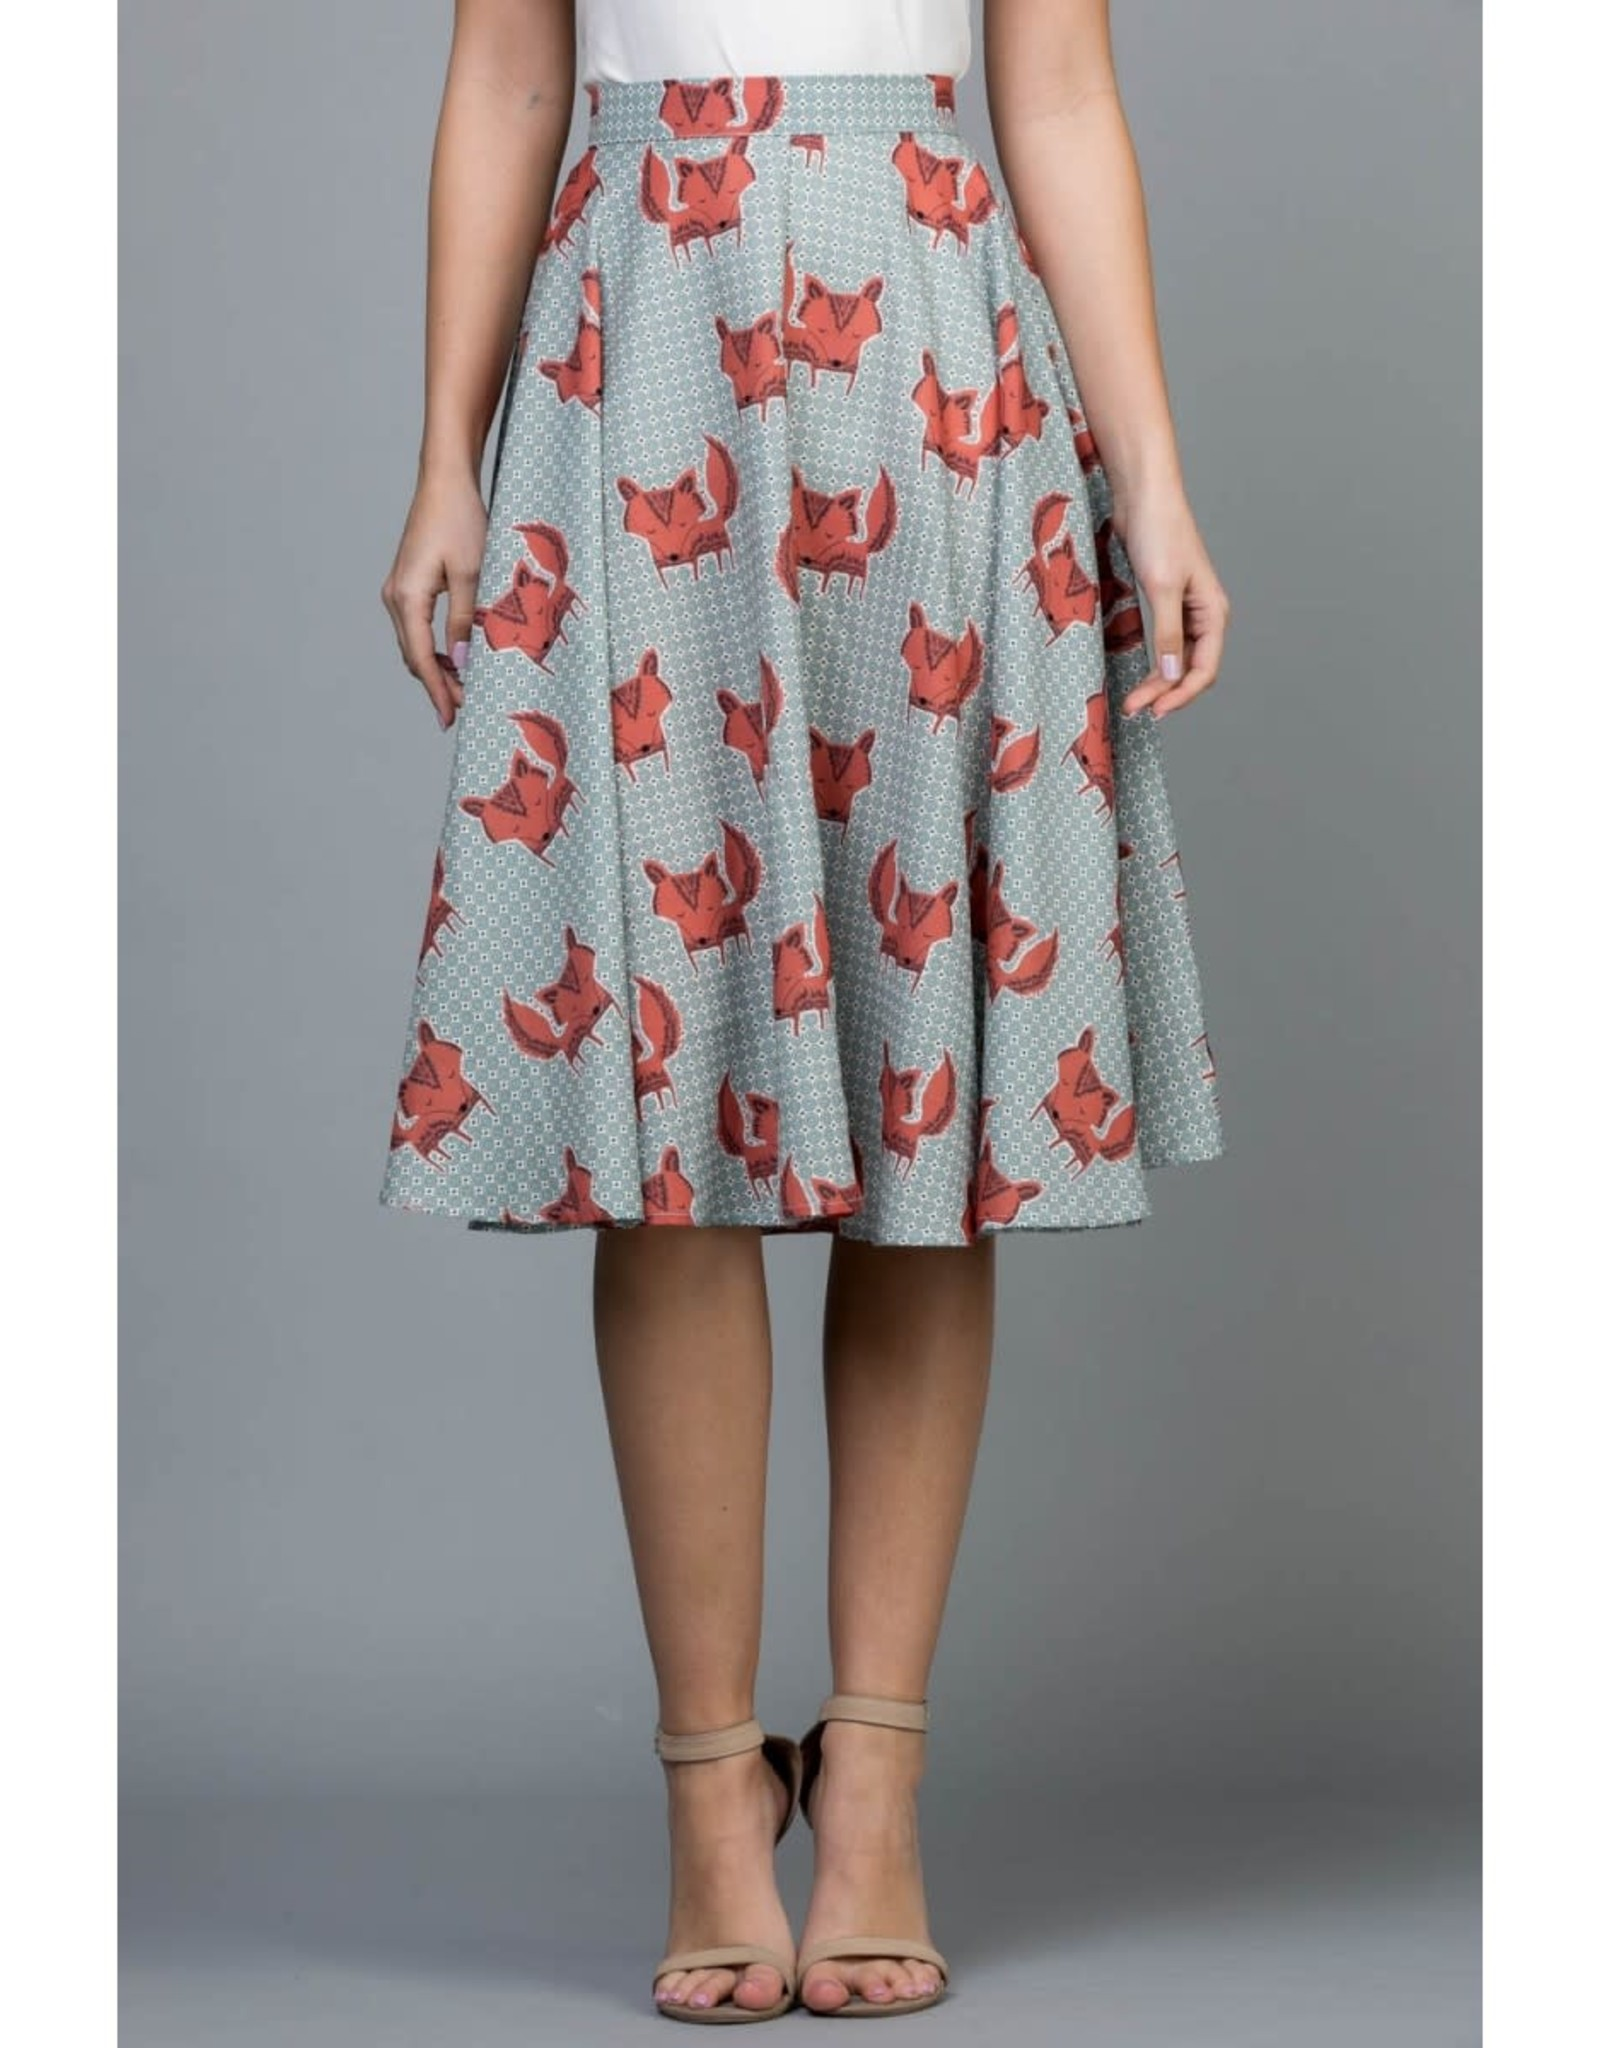 Fox Flowy Skirt with Pockets